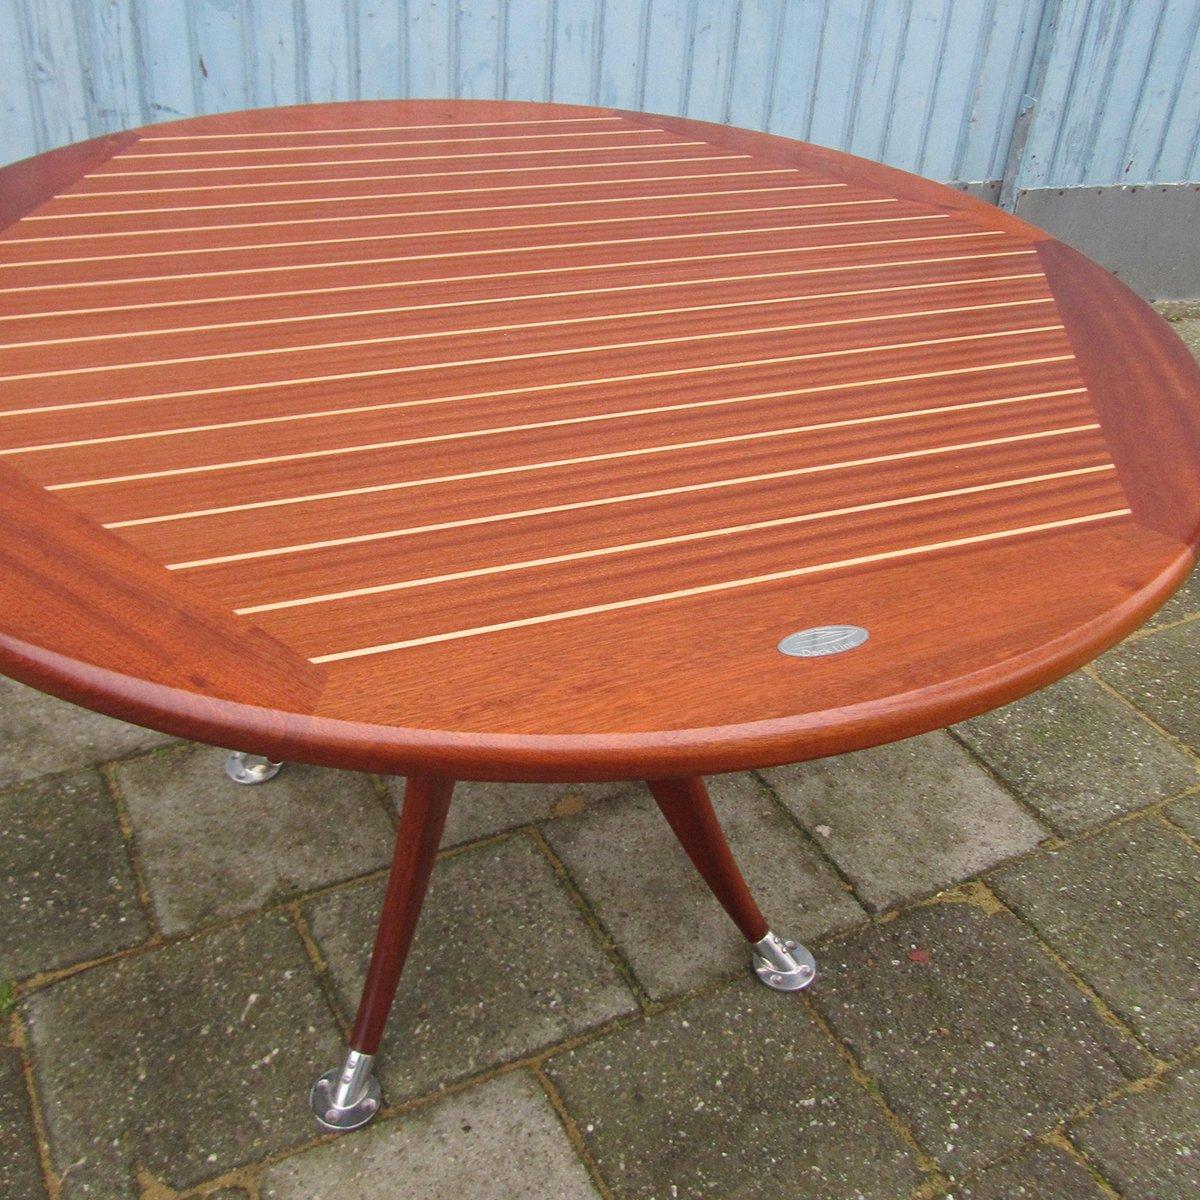 ausziehbarer runder vintage deck tisch von deckline bei pamono kaufen. Black Bedroom Furniture Sets. Home Design Ideas